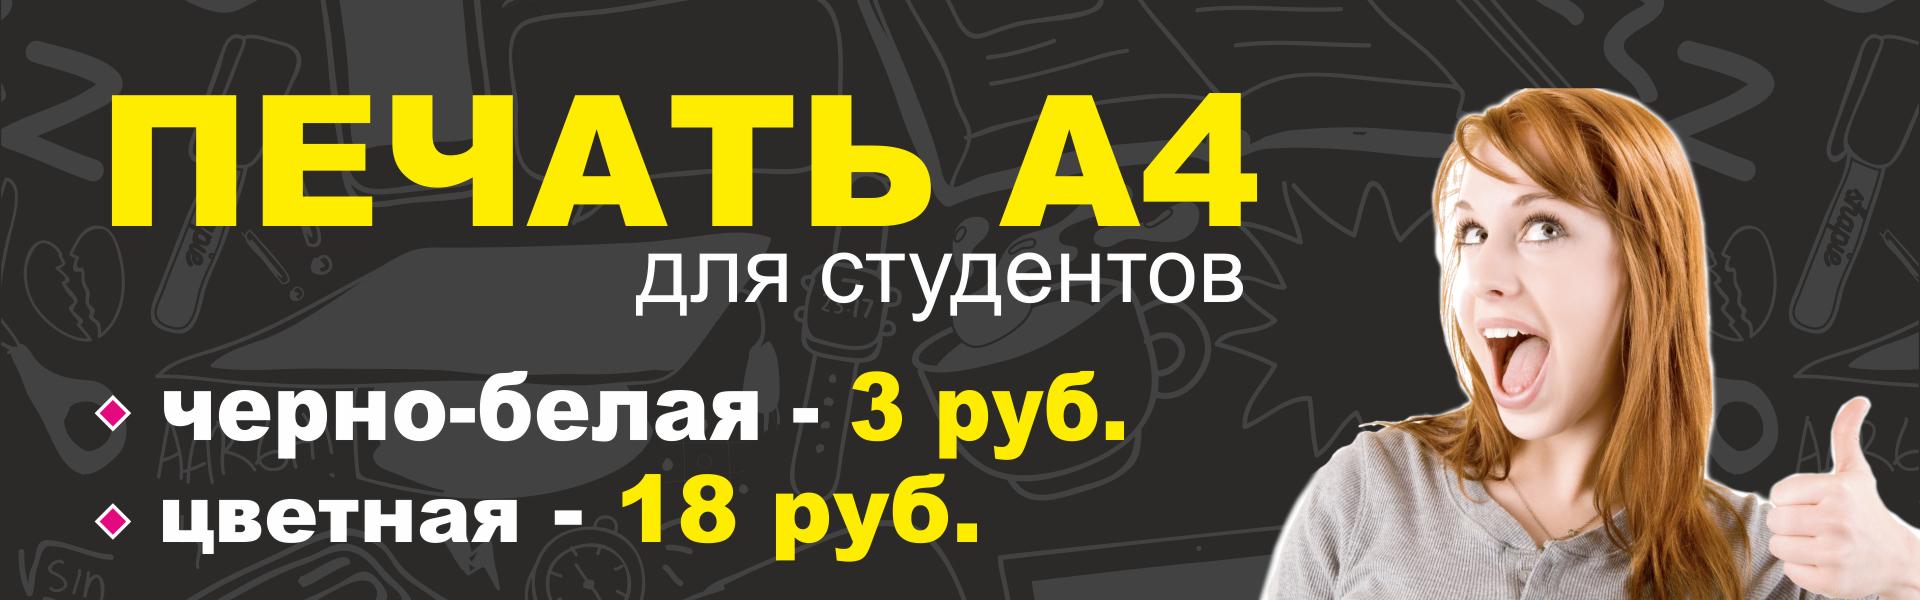 Печать А4 в Рязани для студентов